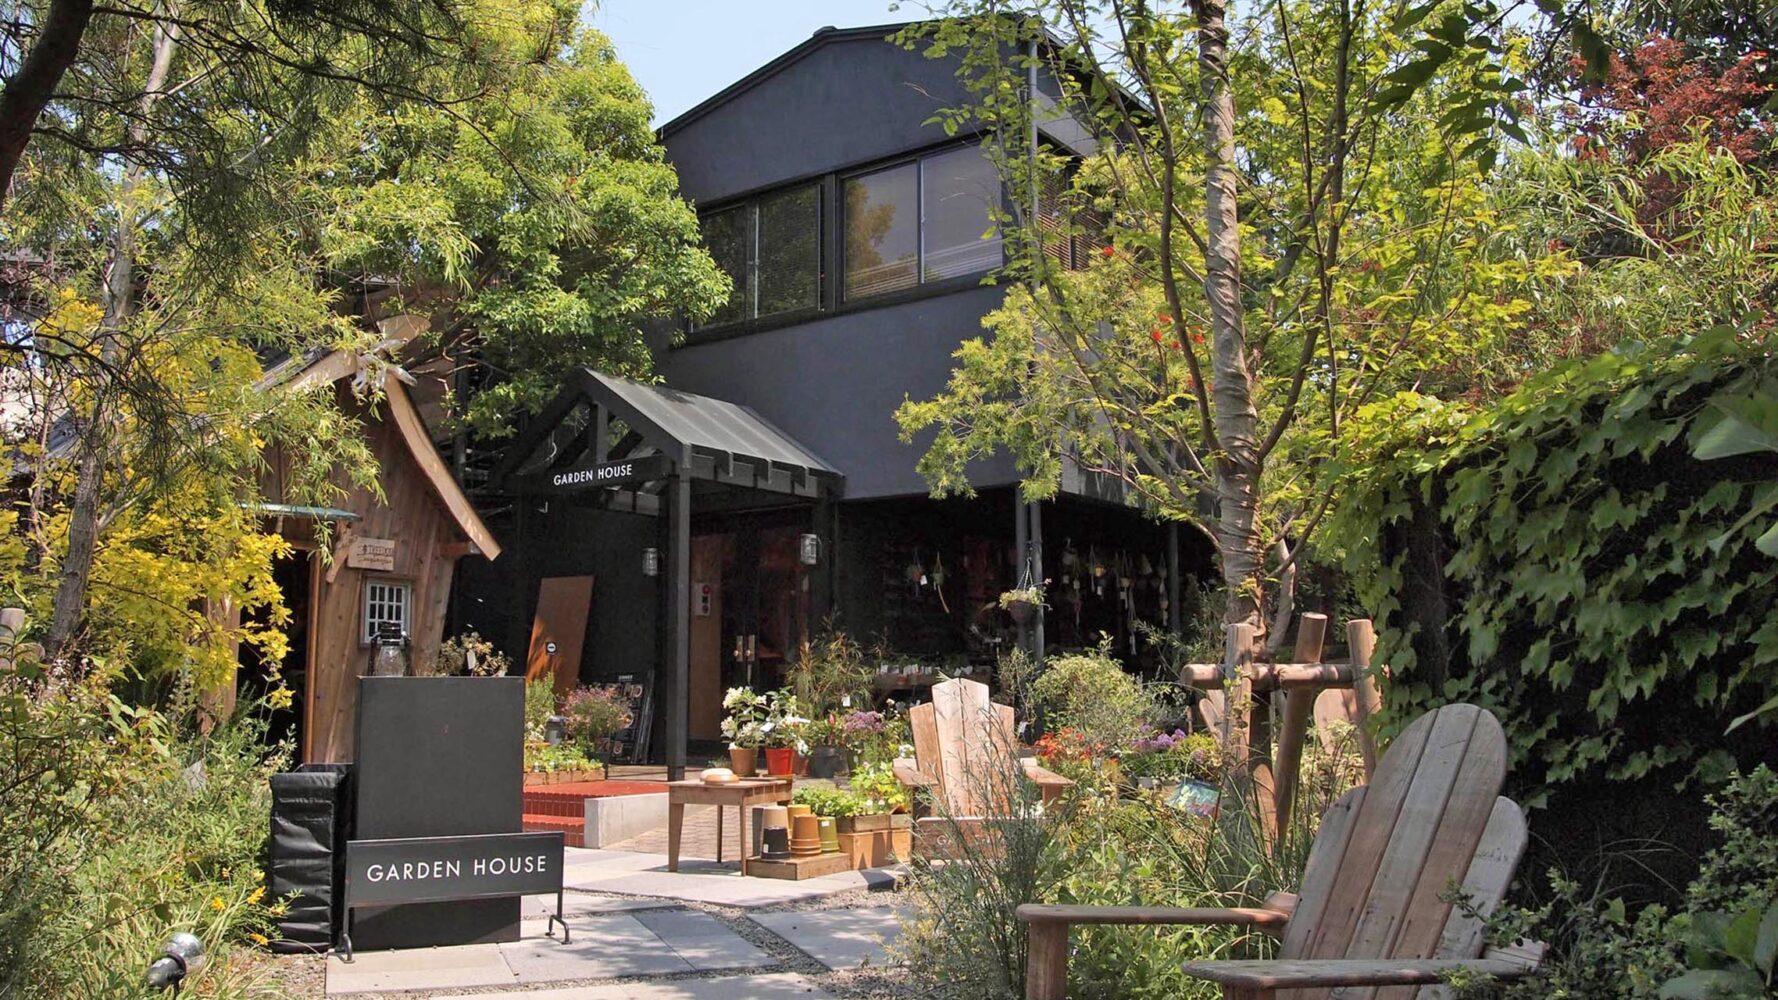 GARDEN HOUSE kamakura 事例画像2